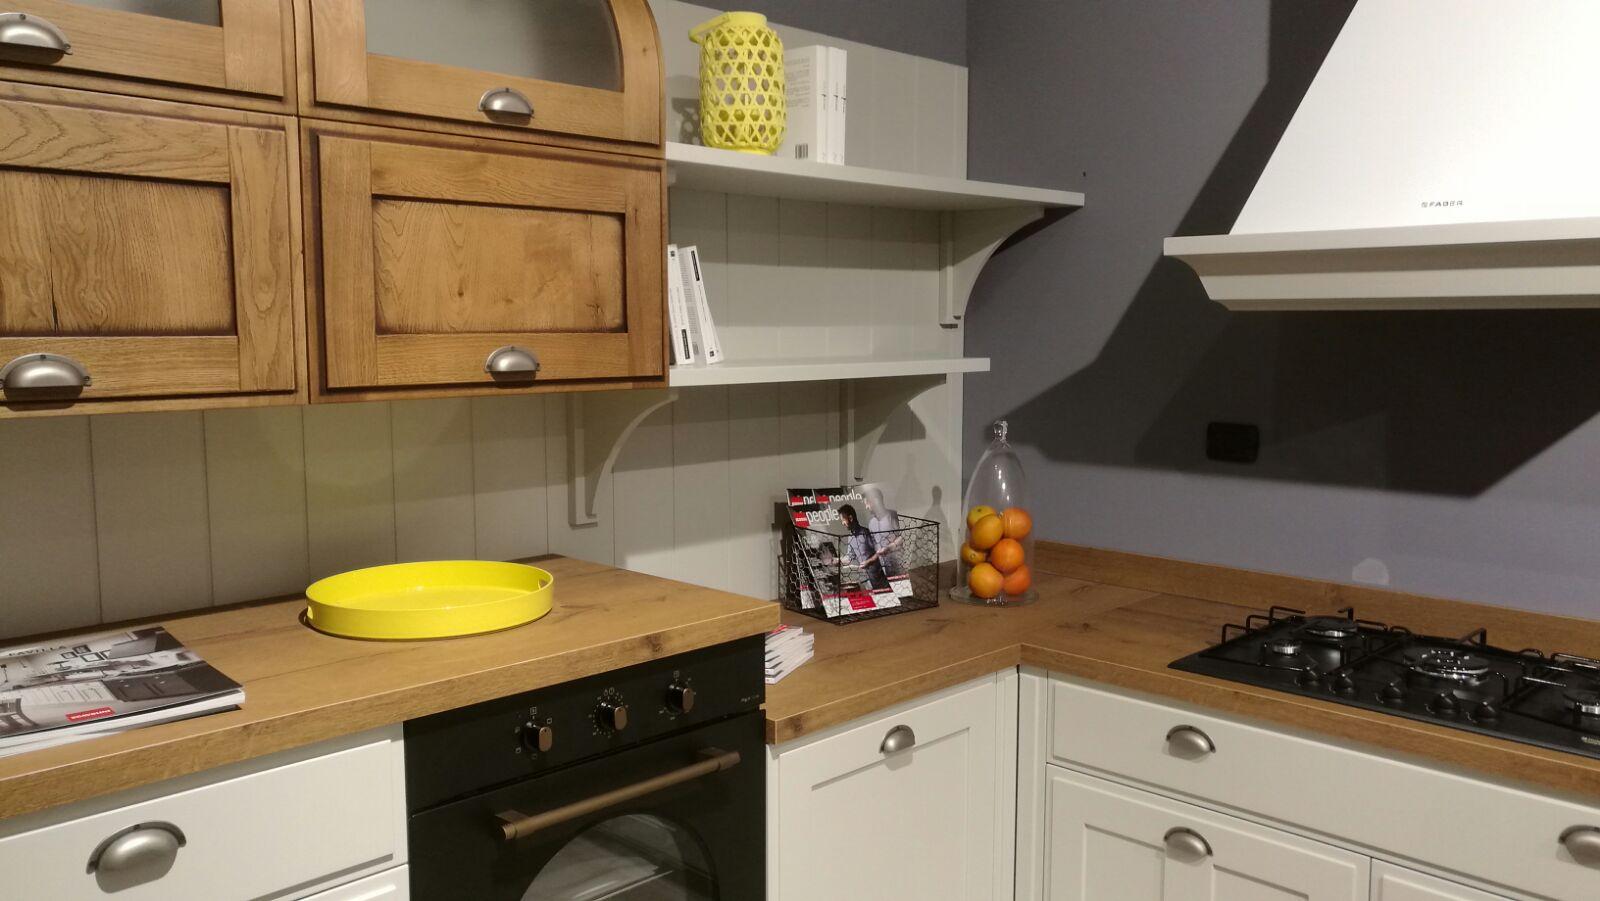 Arrivata favilla di scavolini la cucina raffinata ed essenziale - Cucina favilla scavolini ...